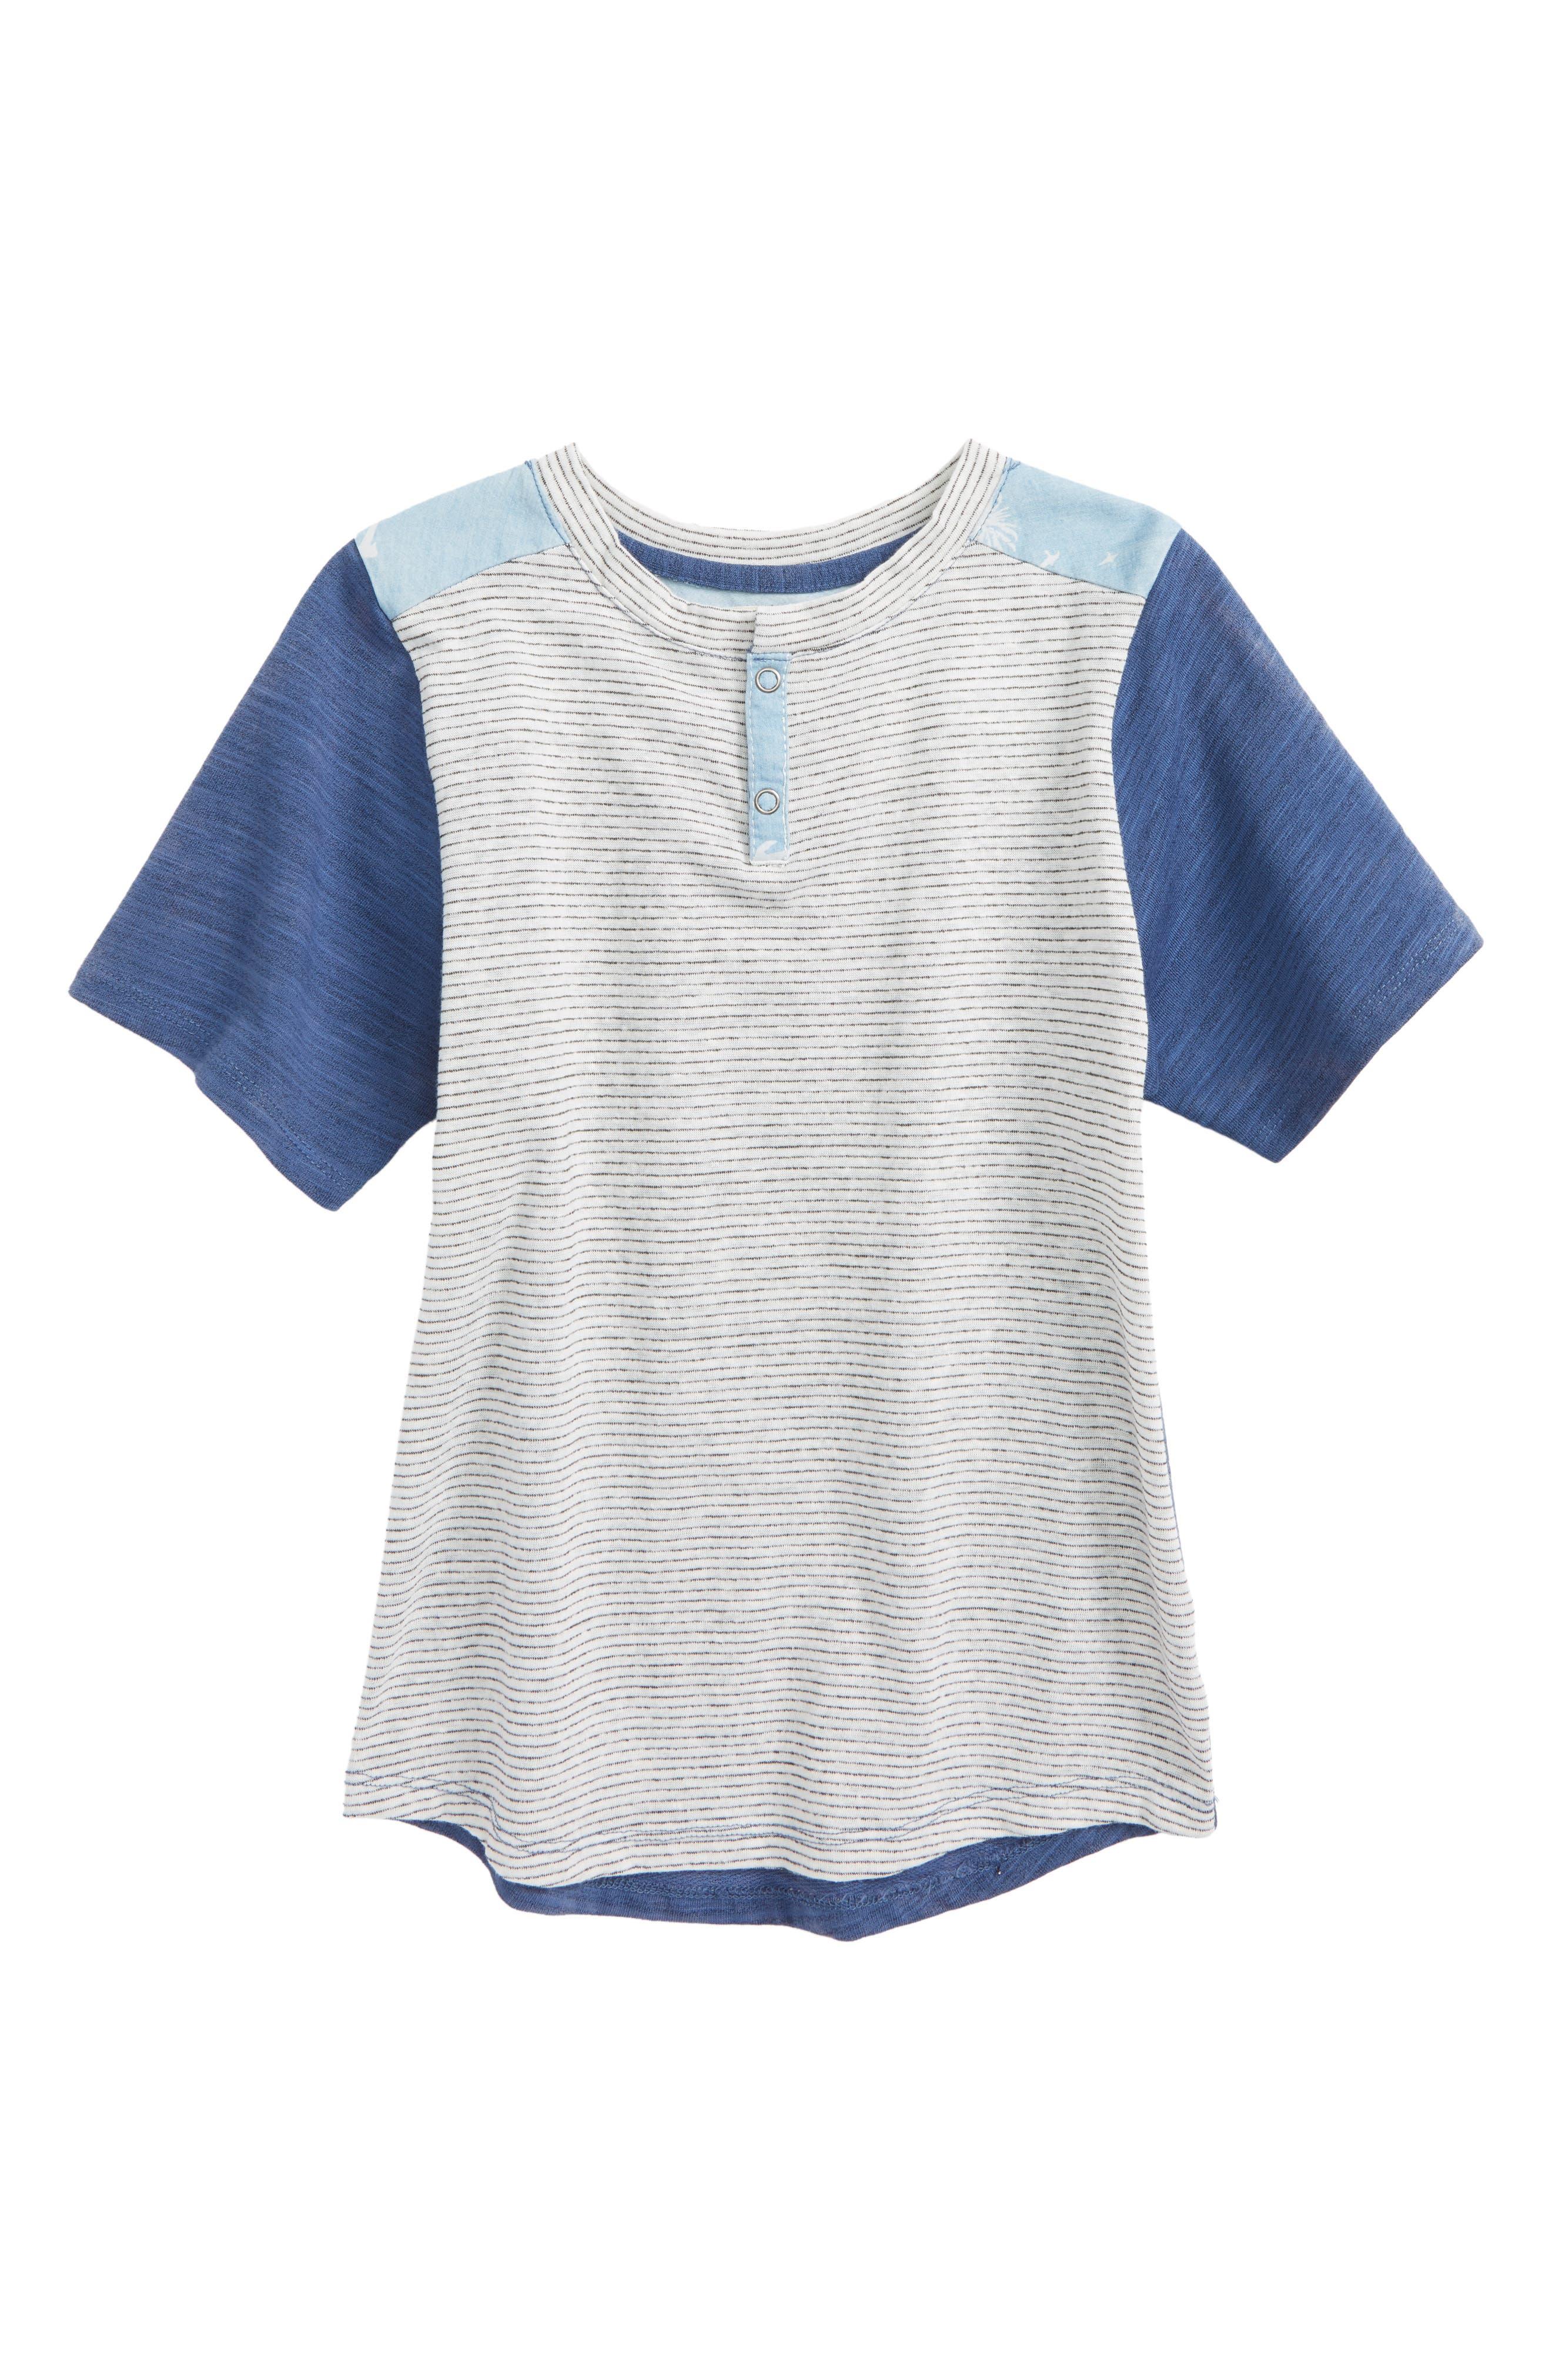 Phoenix Henley Shirt,                             Main thumbnail 1, color,                             Palisades